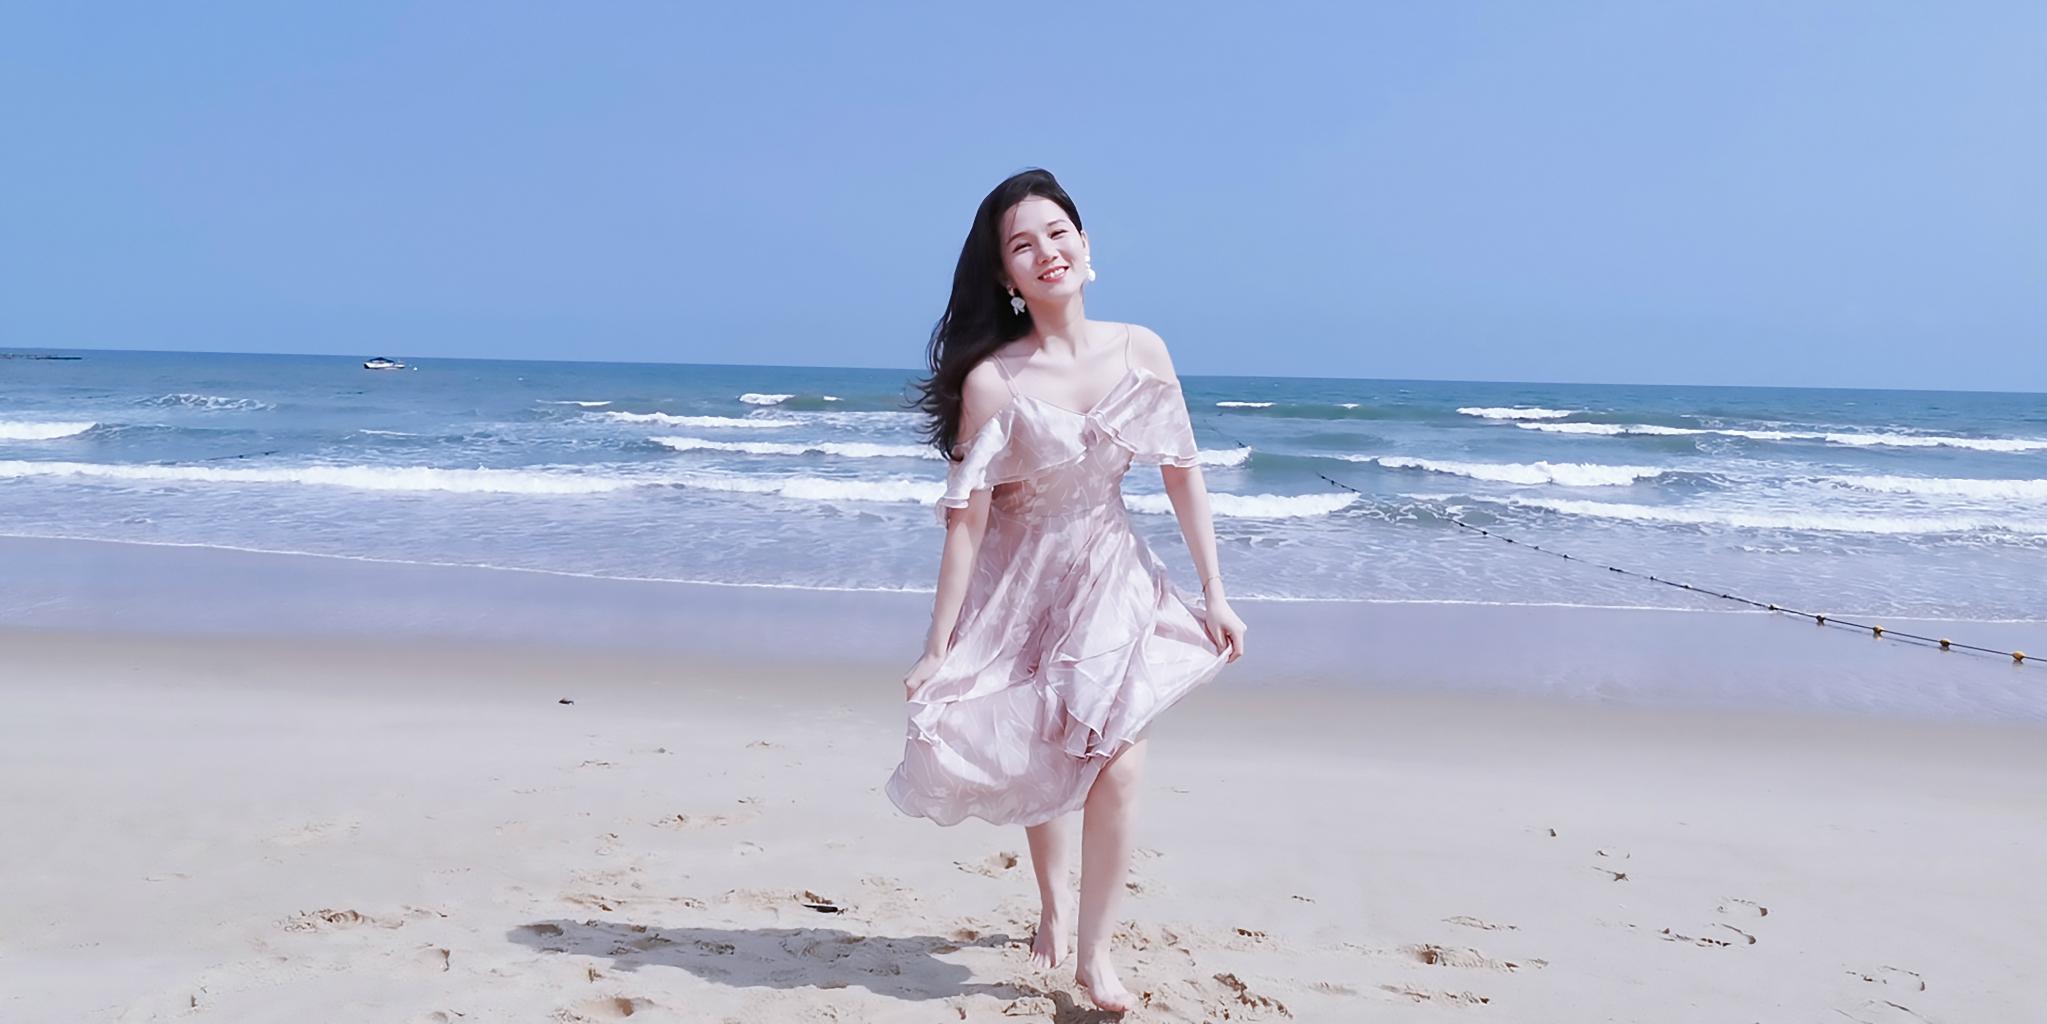 干货!这片海滩是广东之最,方圆1公里够你玩三天!来海之冠你会爱上一夜qing